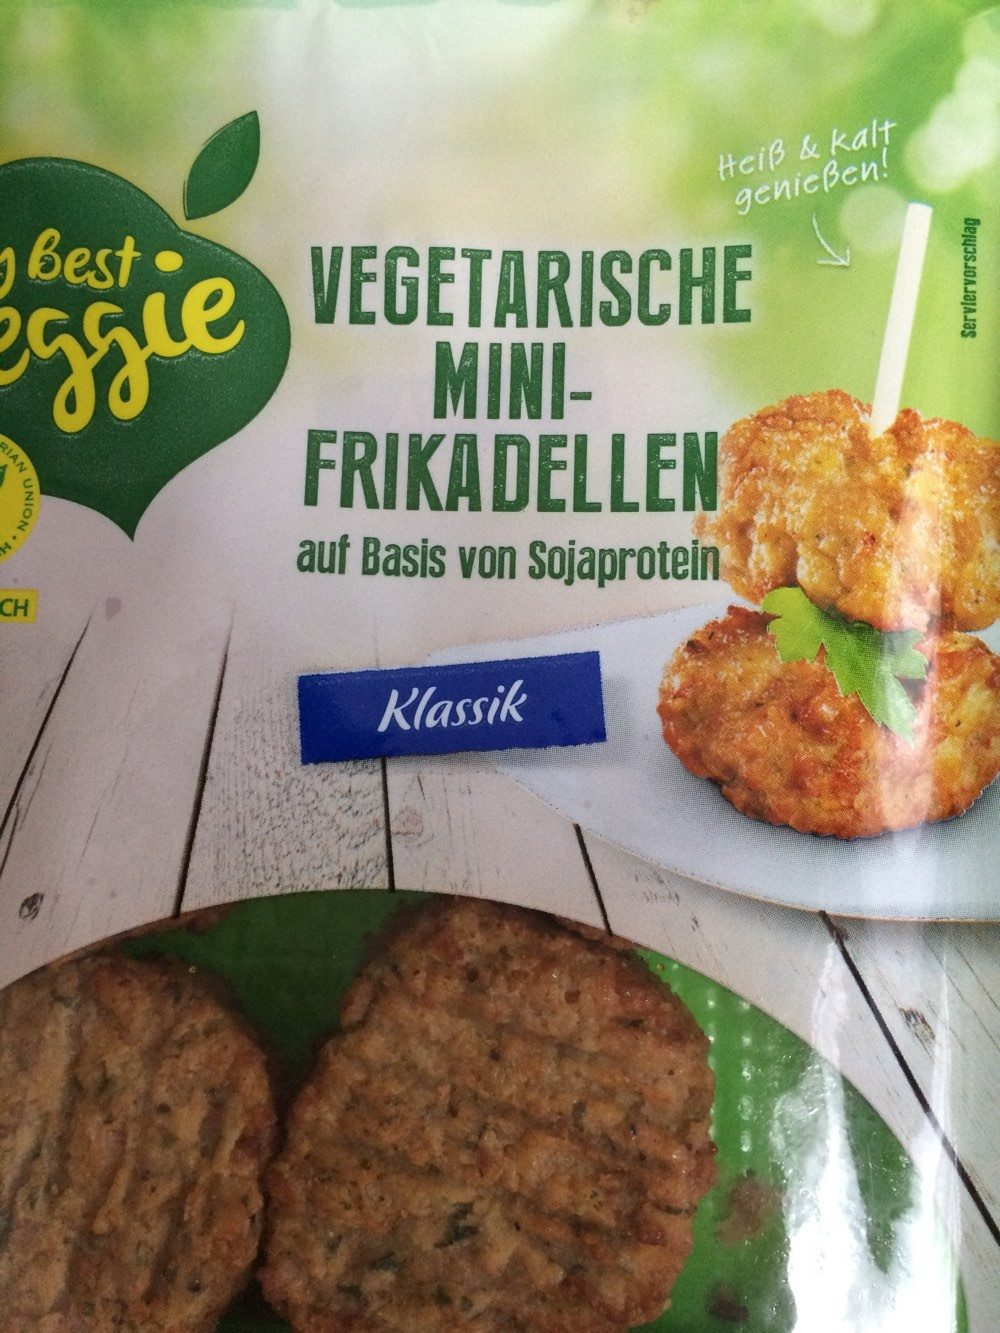 Vegetarische Mini-Frikadellen Klassik - Product - de